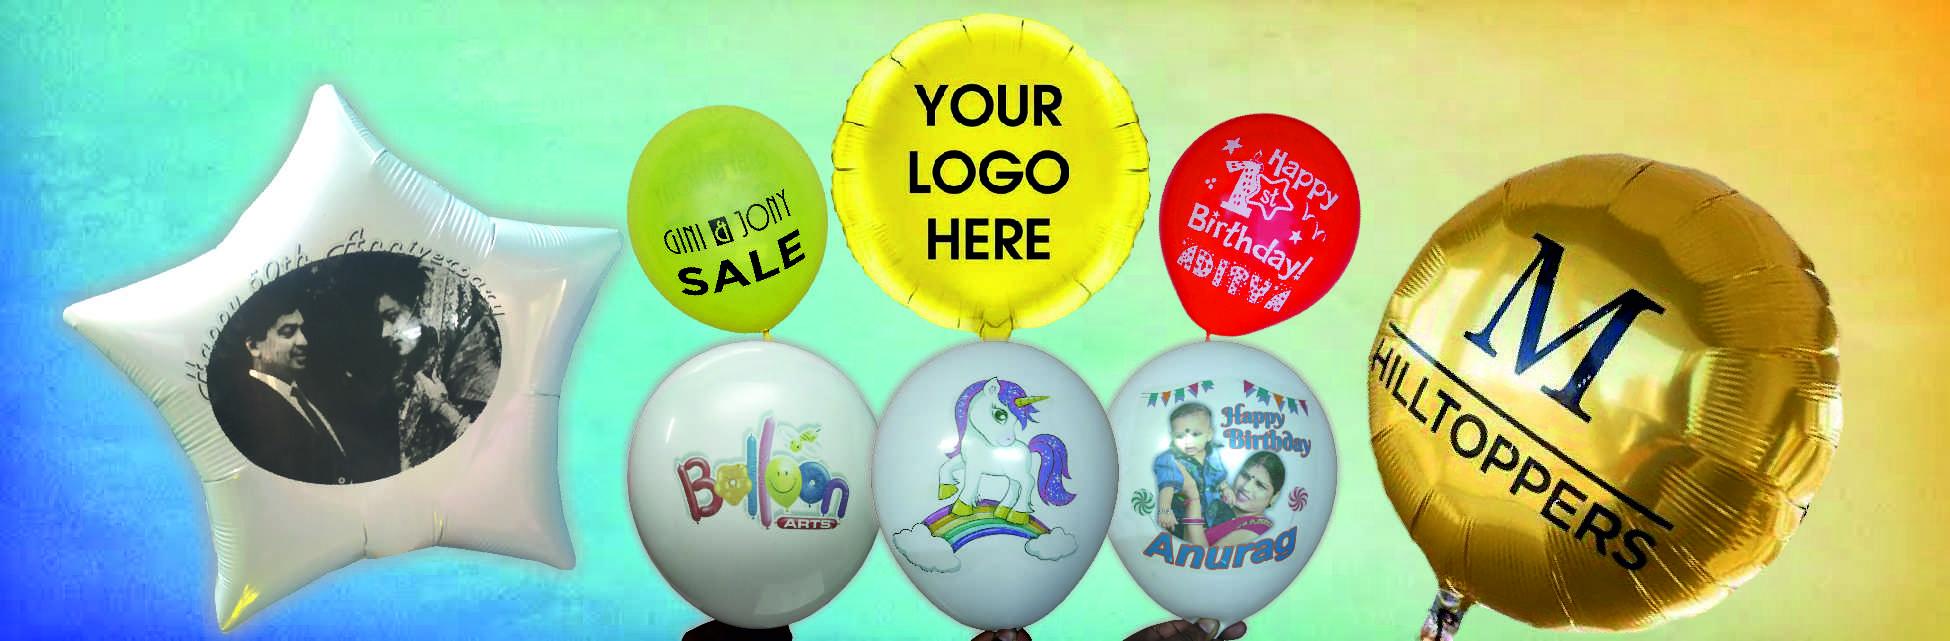 Balloon Printers India